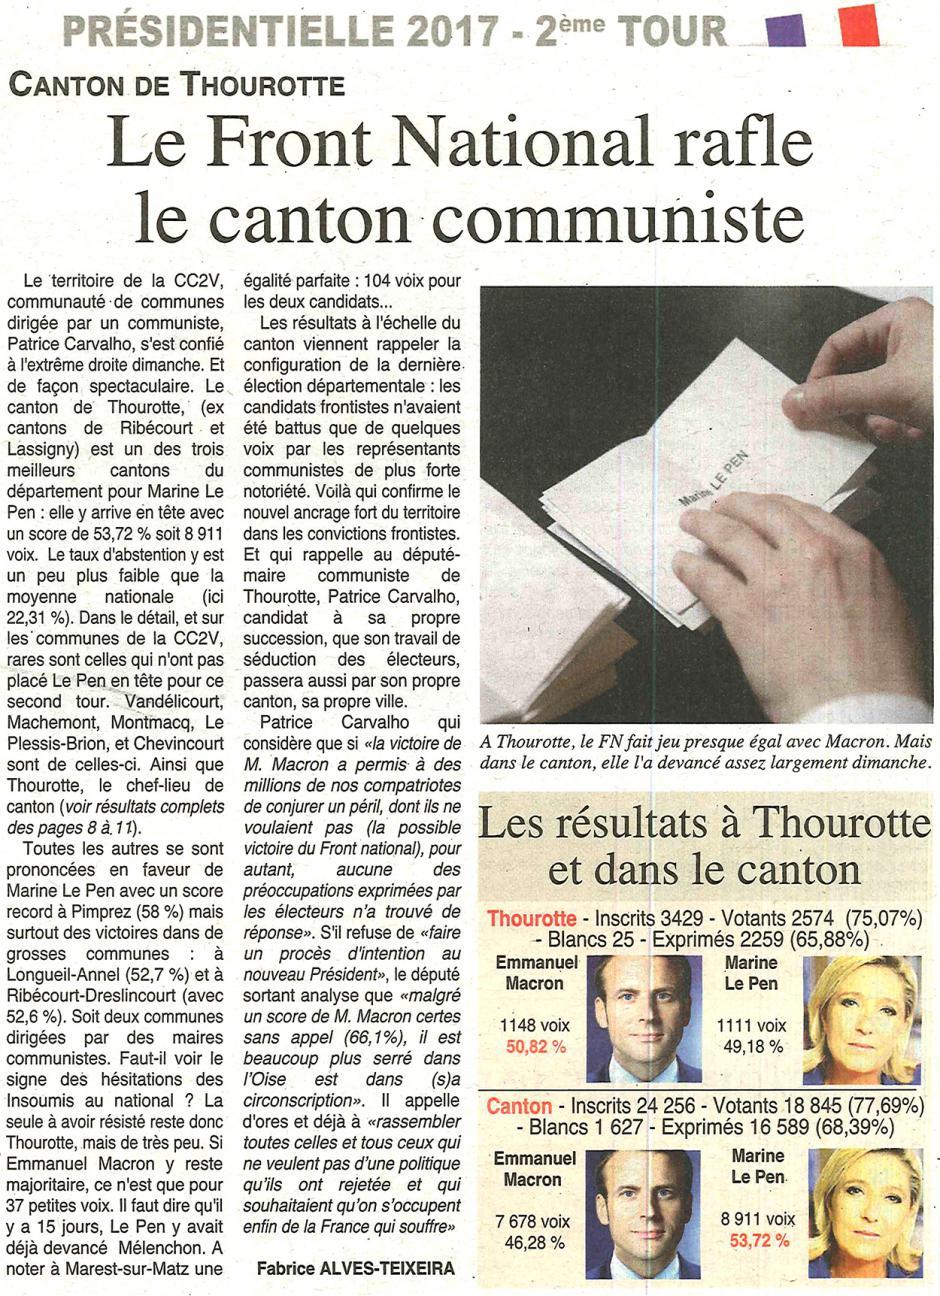 20170510-OH-Thourotte-P2017-T2-Le FN raffle le canton communiste